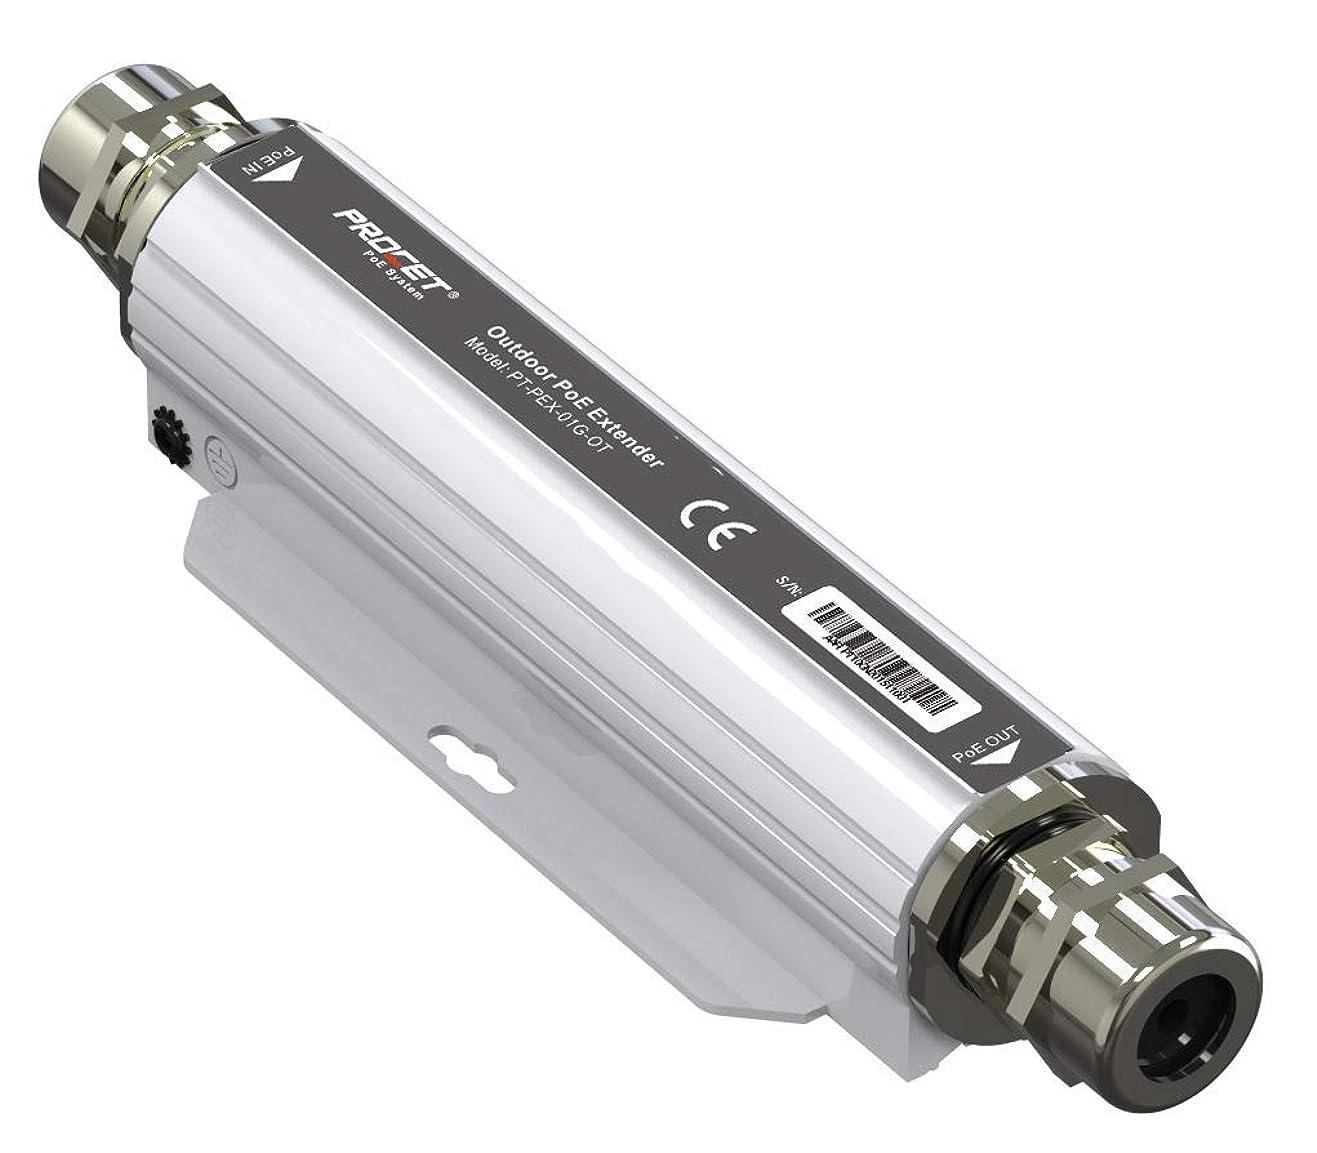 ジェム重さちょっと待ってProcet PT-PEX-01G-OT 1ポートPoEエクステンダ,IEEE802.3af / at PoE ++準拠,60W電力供給,10/100 / 1000Mbpsのデータ速度,防水、防塵のアルミ合金製シェルを備えた